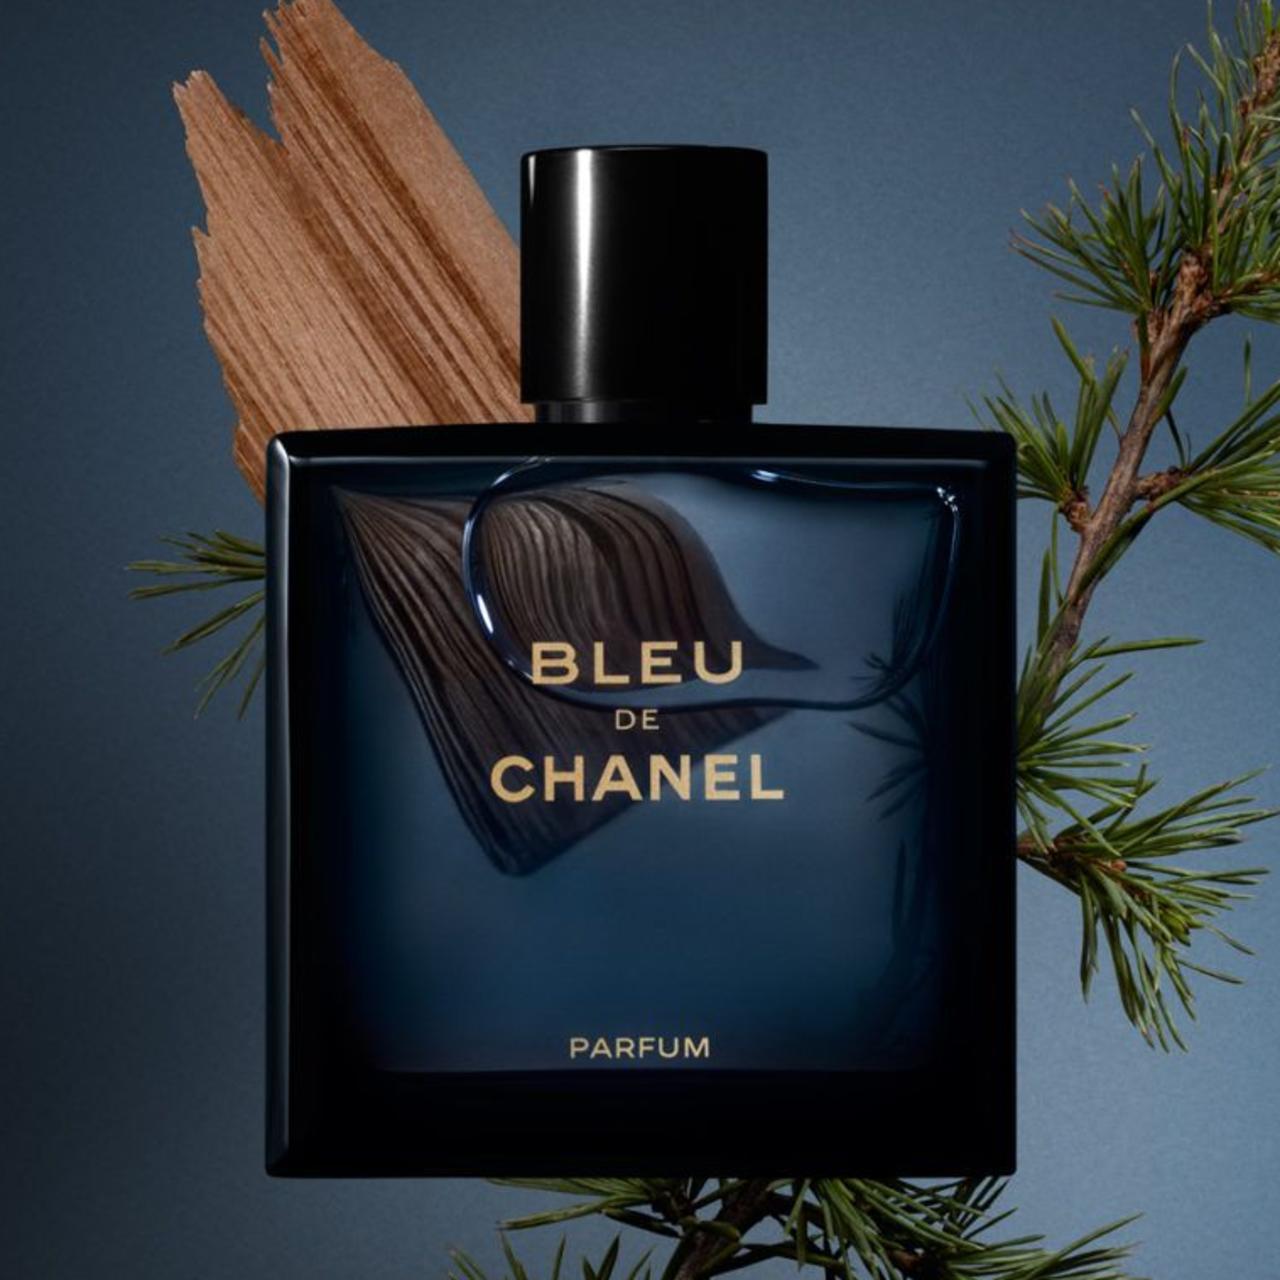 Chanel Bleu De Chanel Parfum, 14.799 kr. (50 ml.)